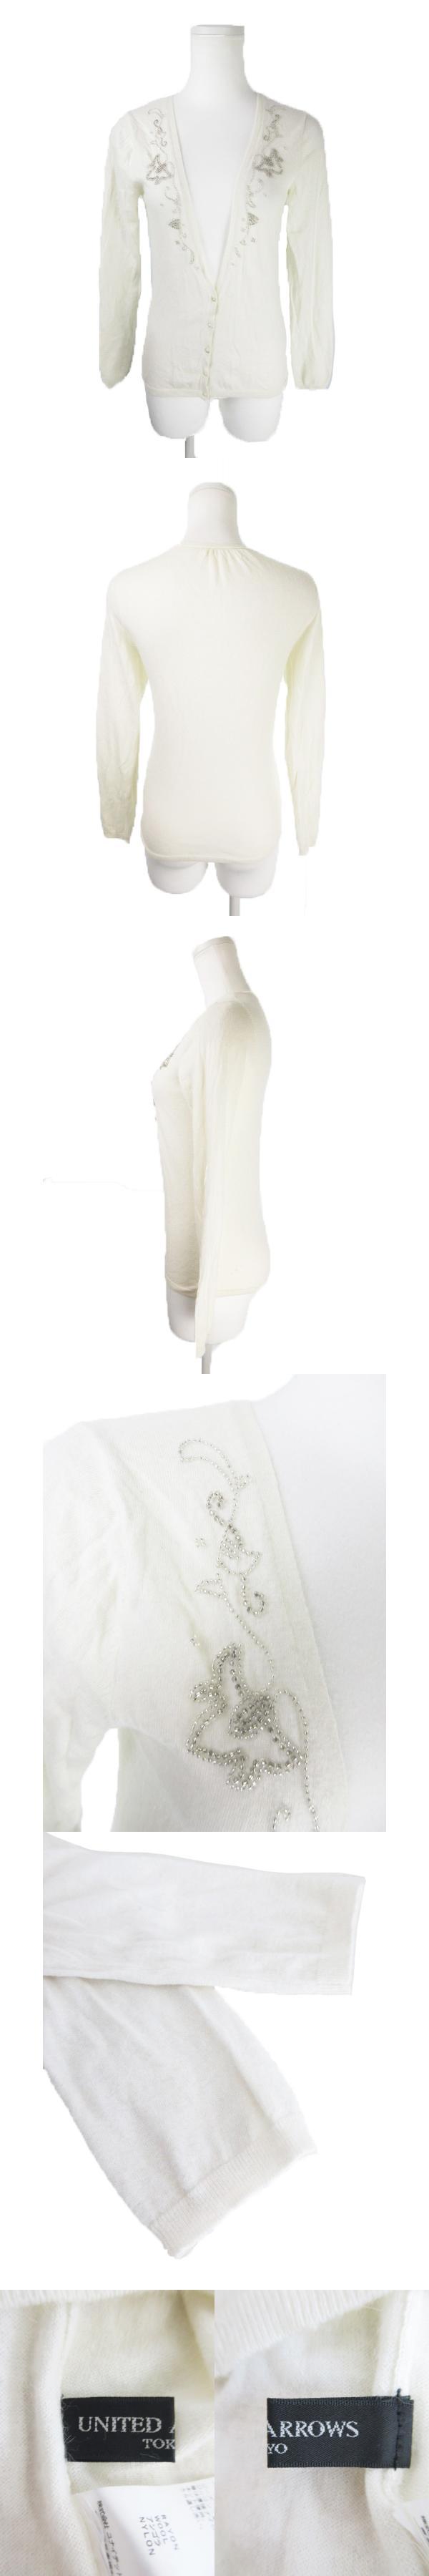 カーディガン ニット 長袖 刺繍 ウール混 アンゴラ混 白 ホワイト /EK10